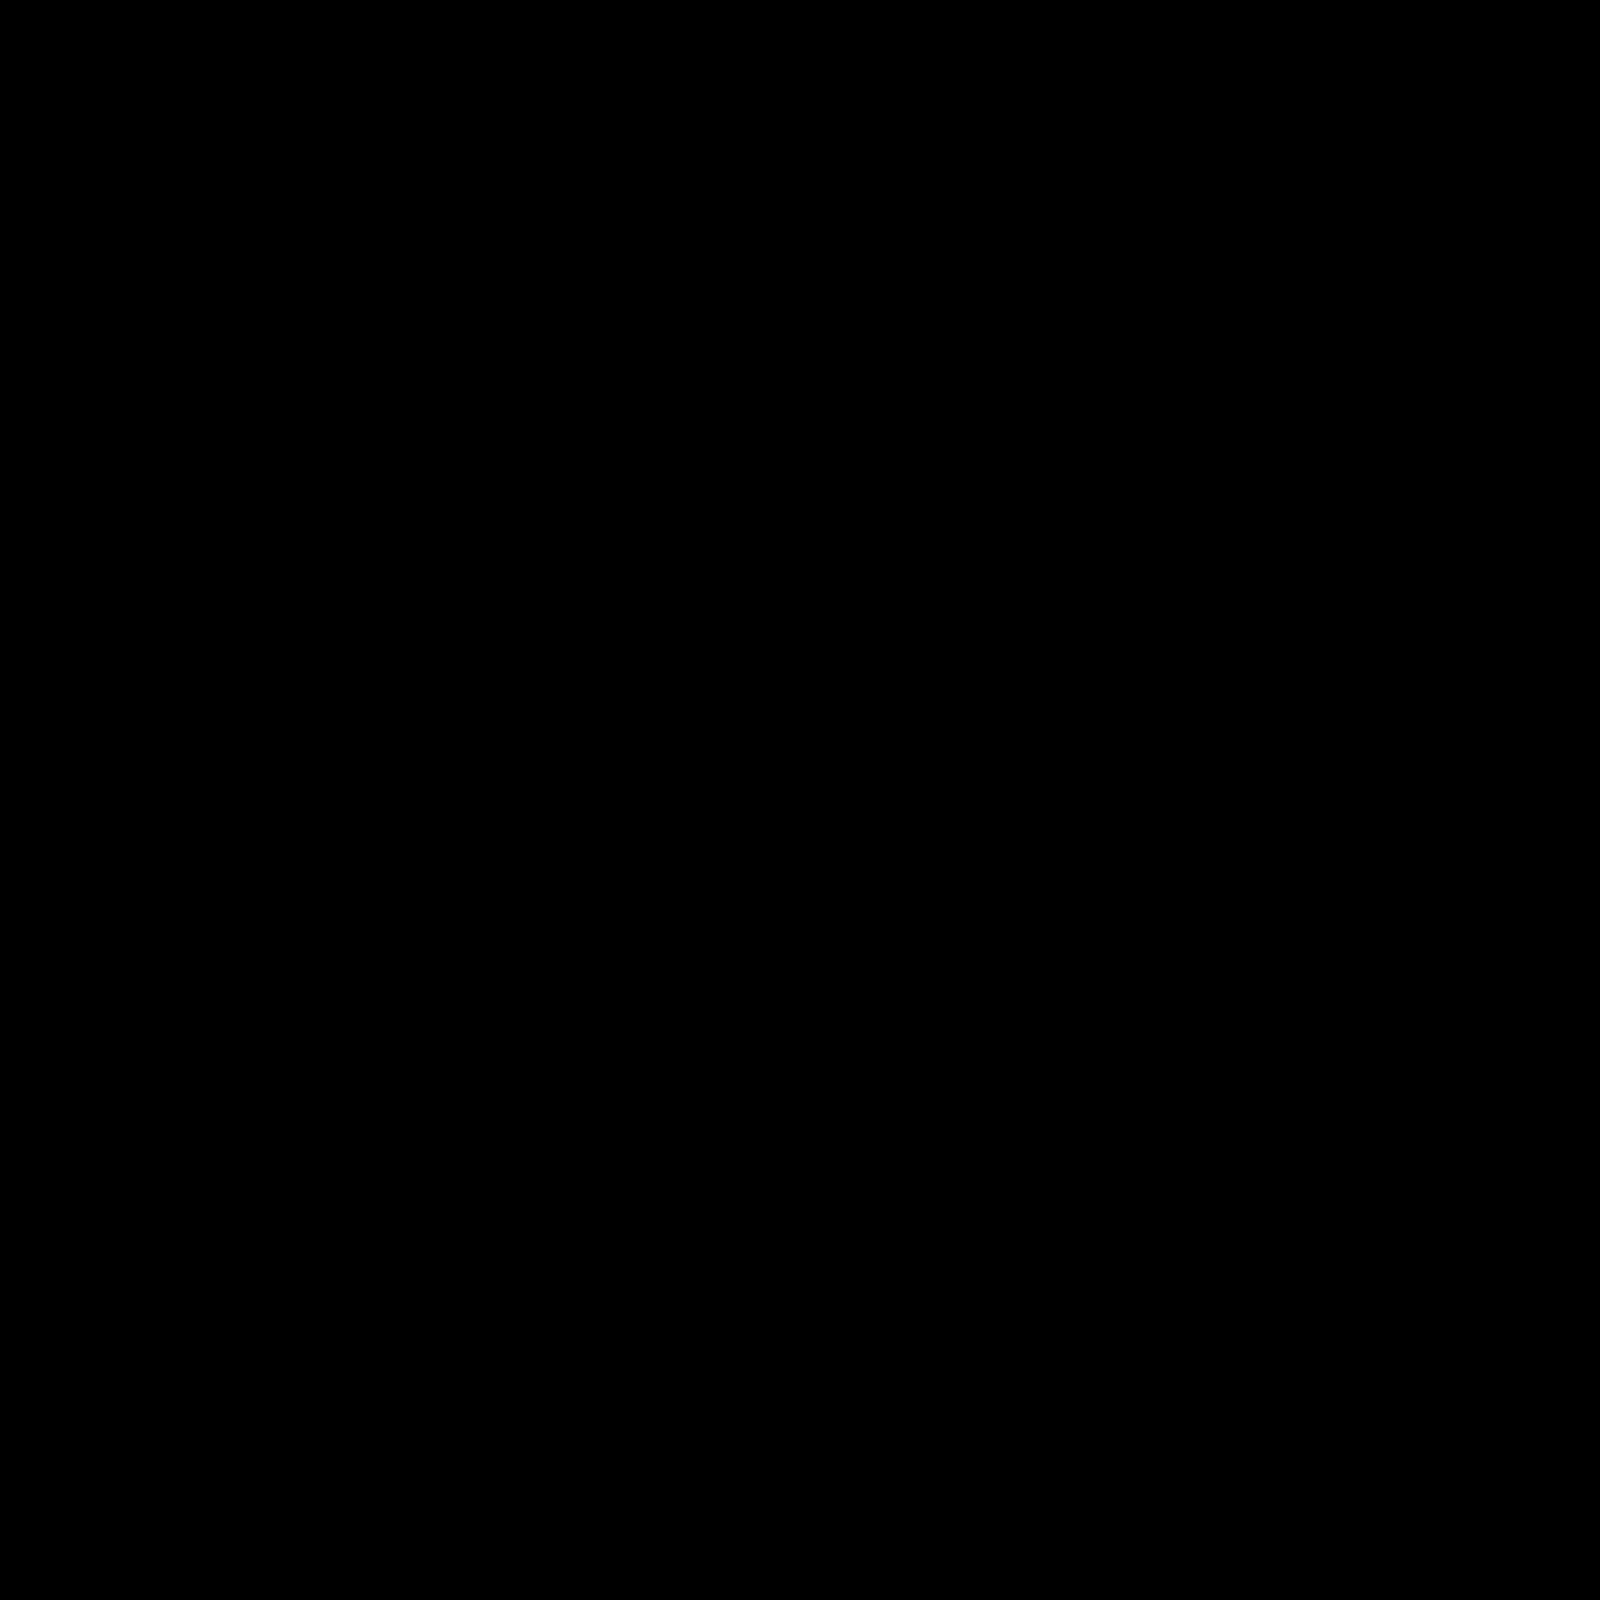 Текущая позиция icon